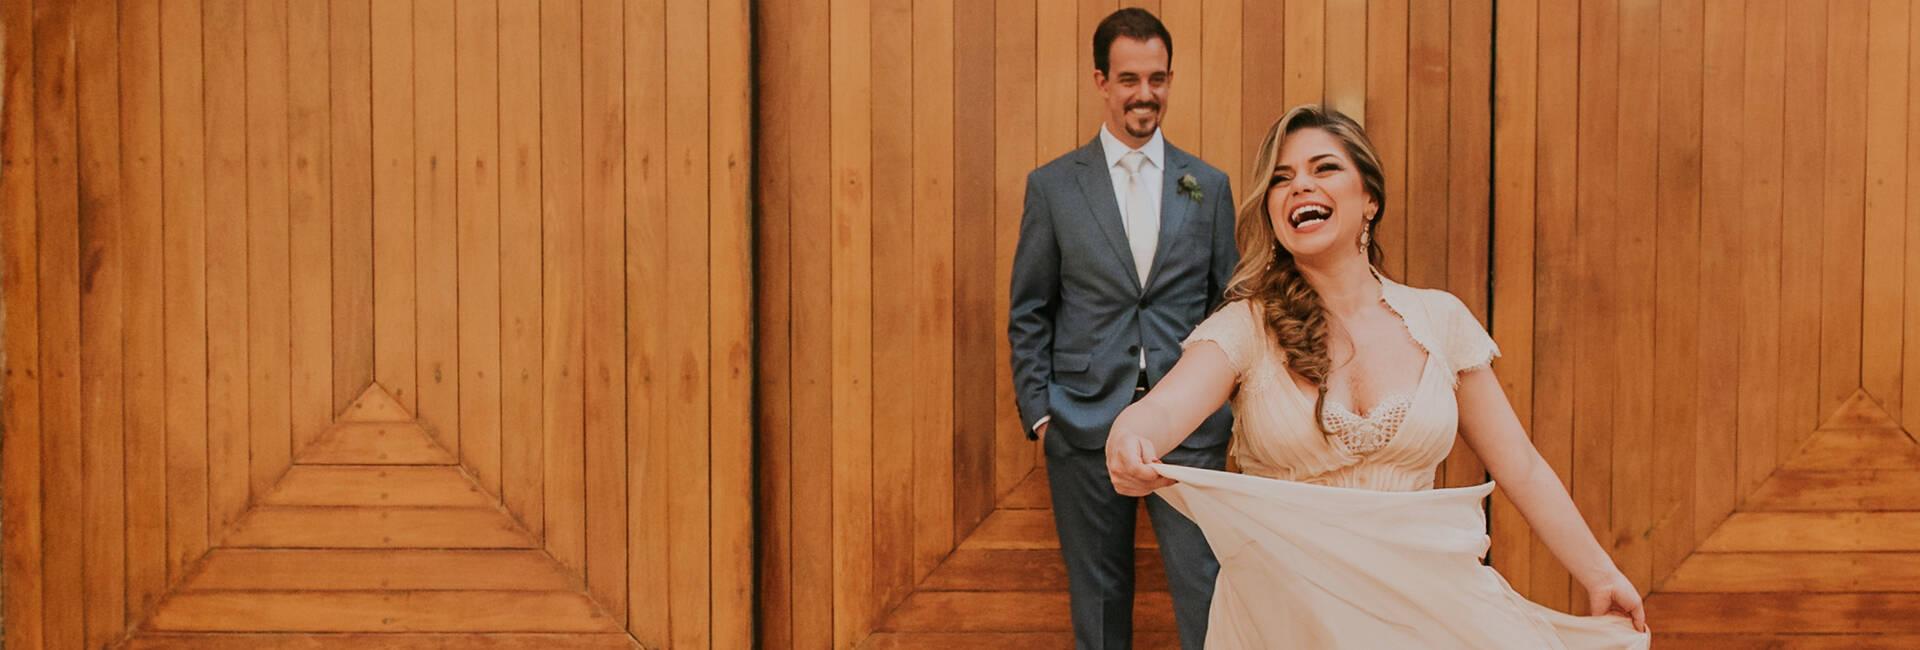 Casamento de Talita e Lucas